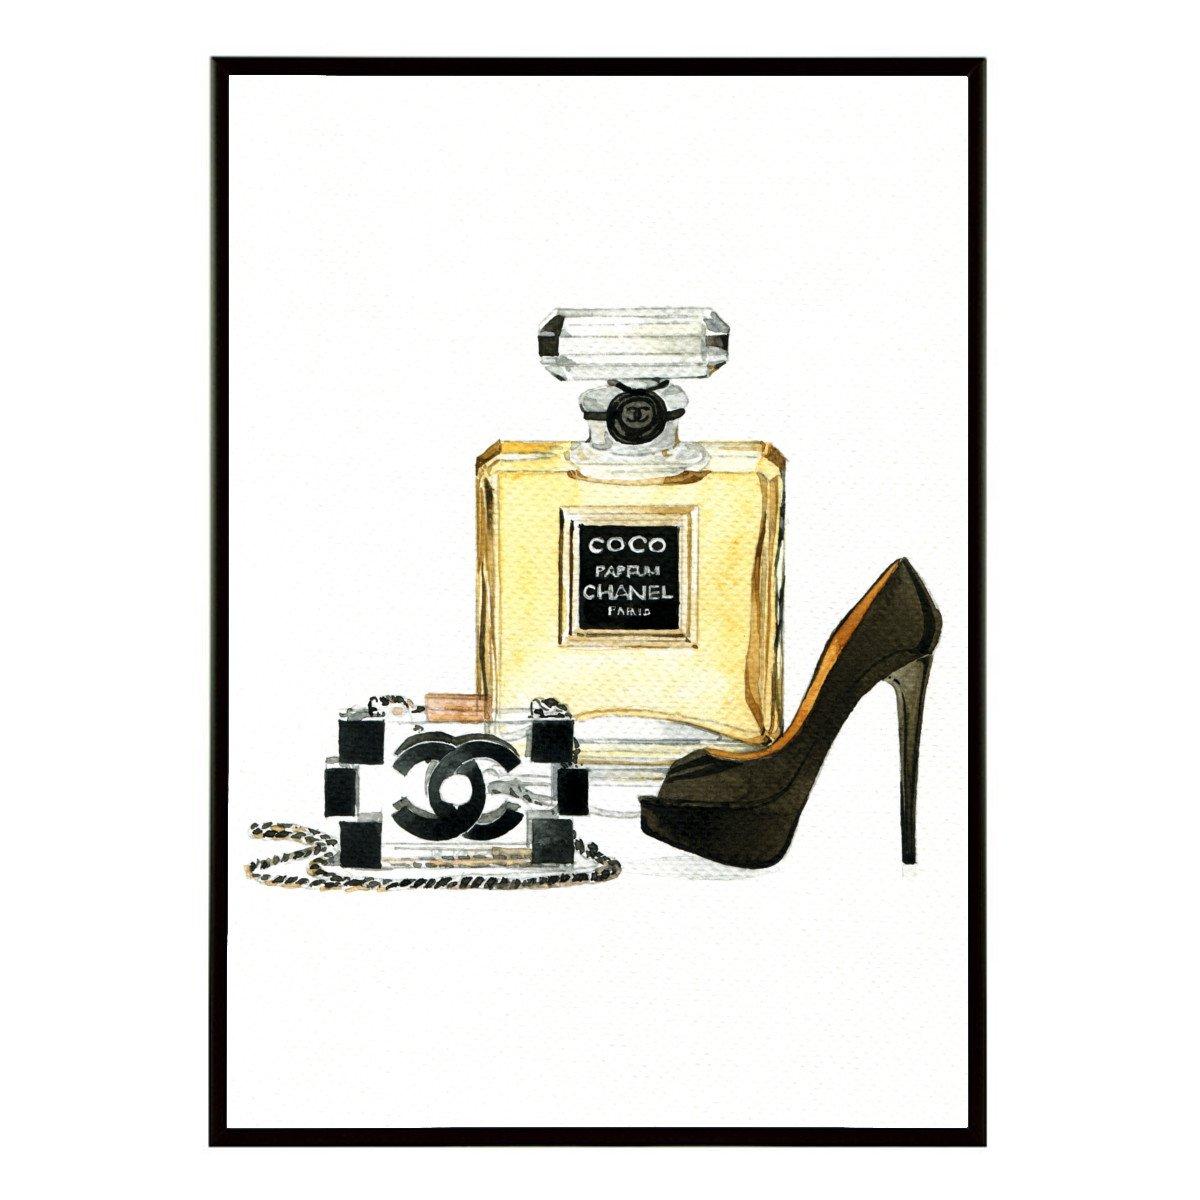 Aroma of Paris アートポスター おしゃれ インテリア 北欧 モノクロ アート #111 A2 ブラックフレーム B079KTVXNWブラックフレーム A2 (420 x 594mm)